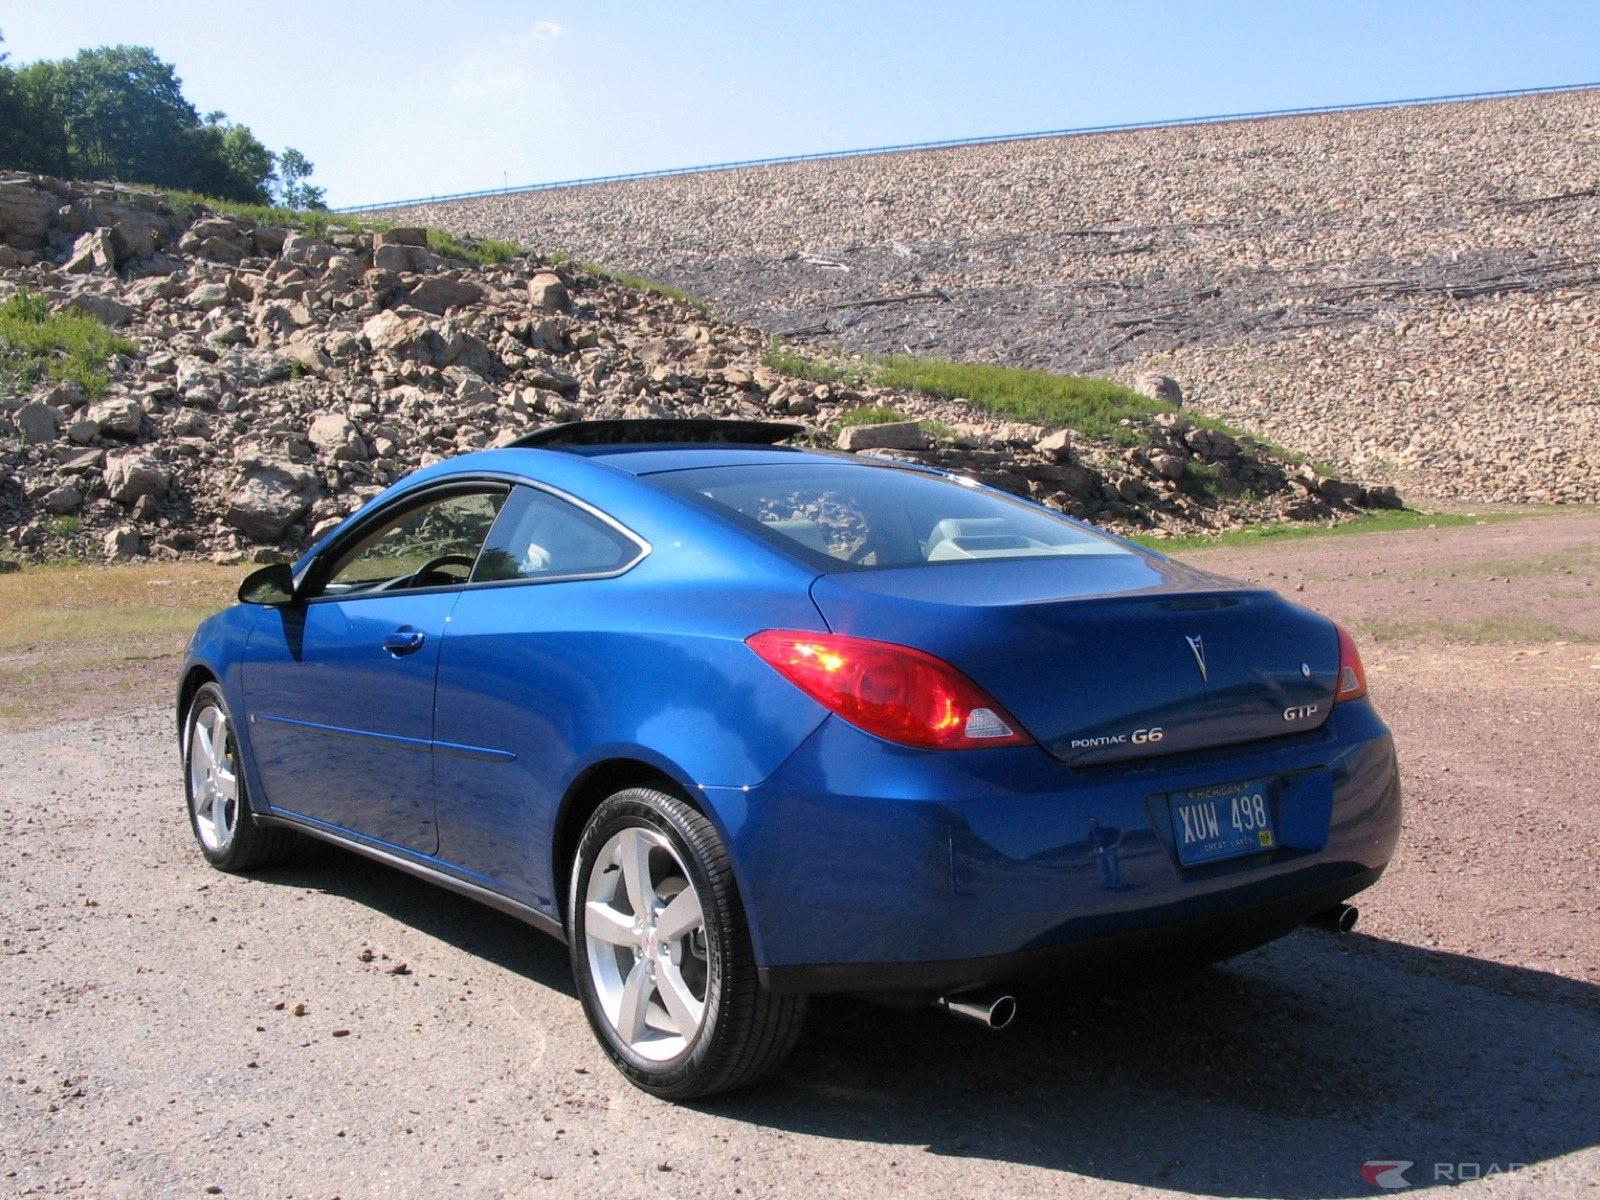 2006 Pontiac G6 Image 14